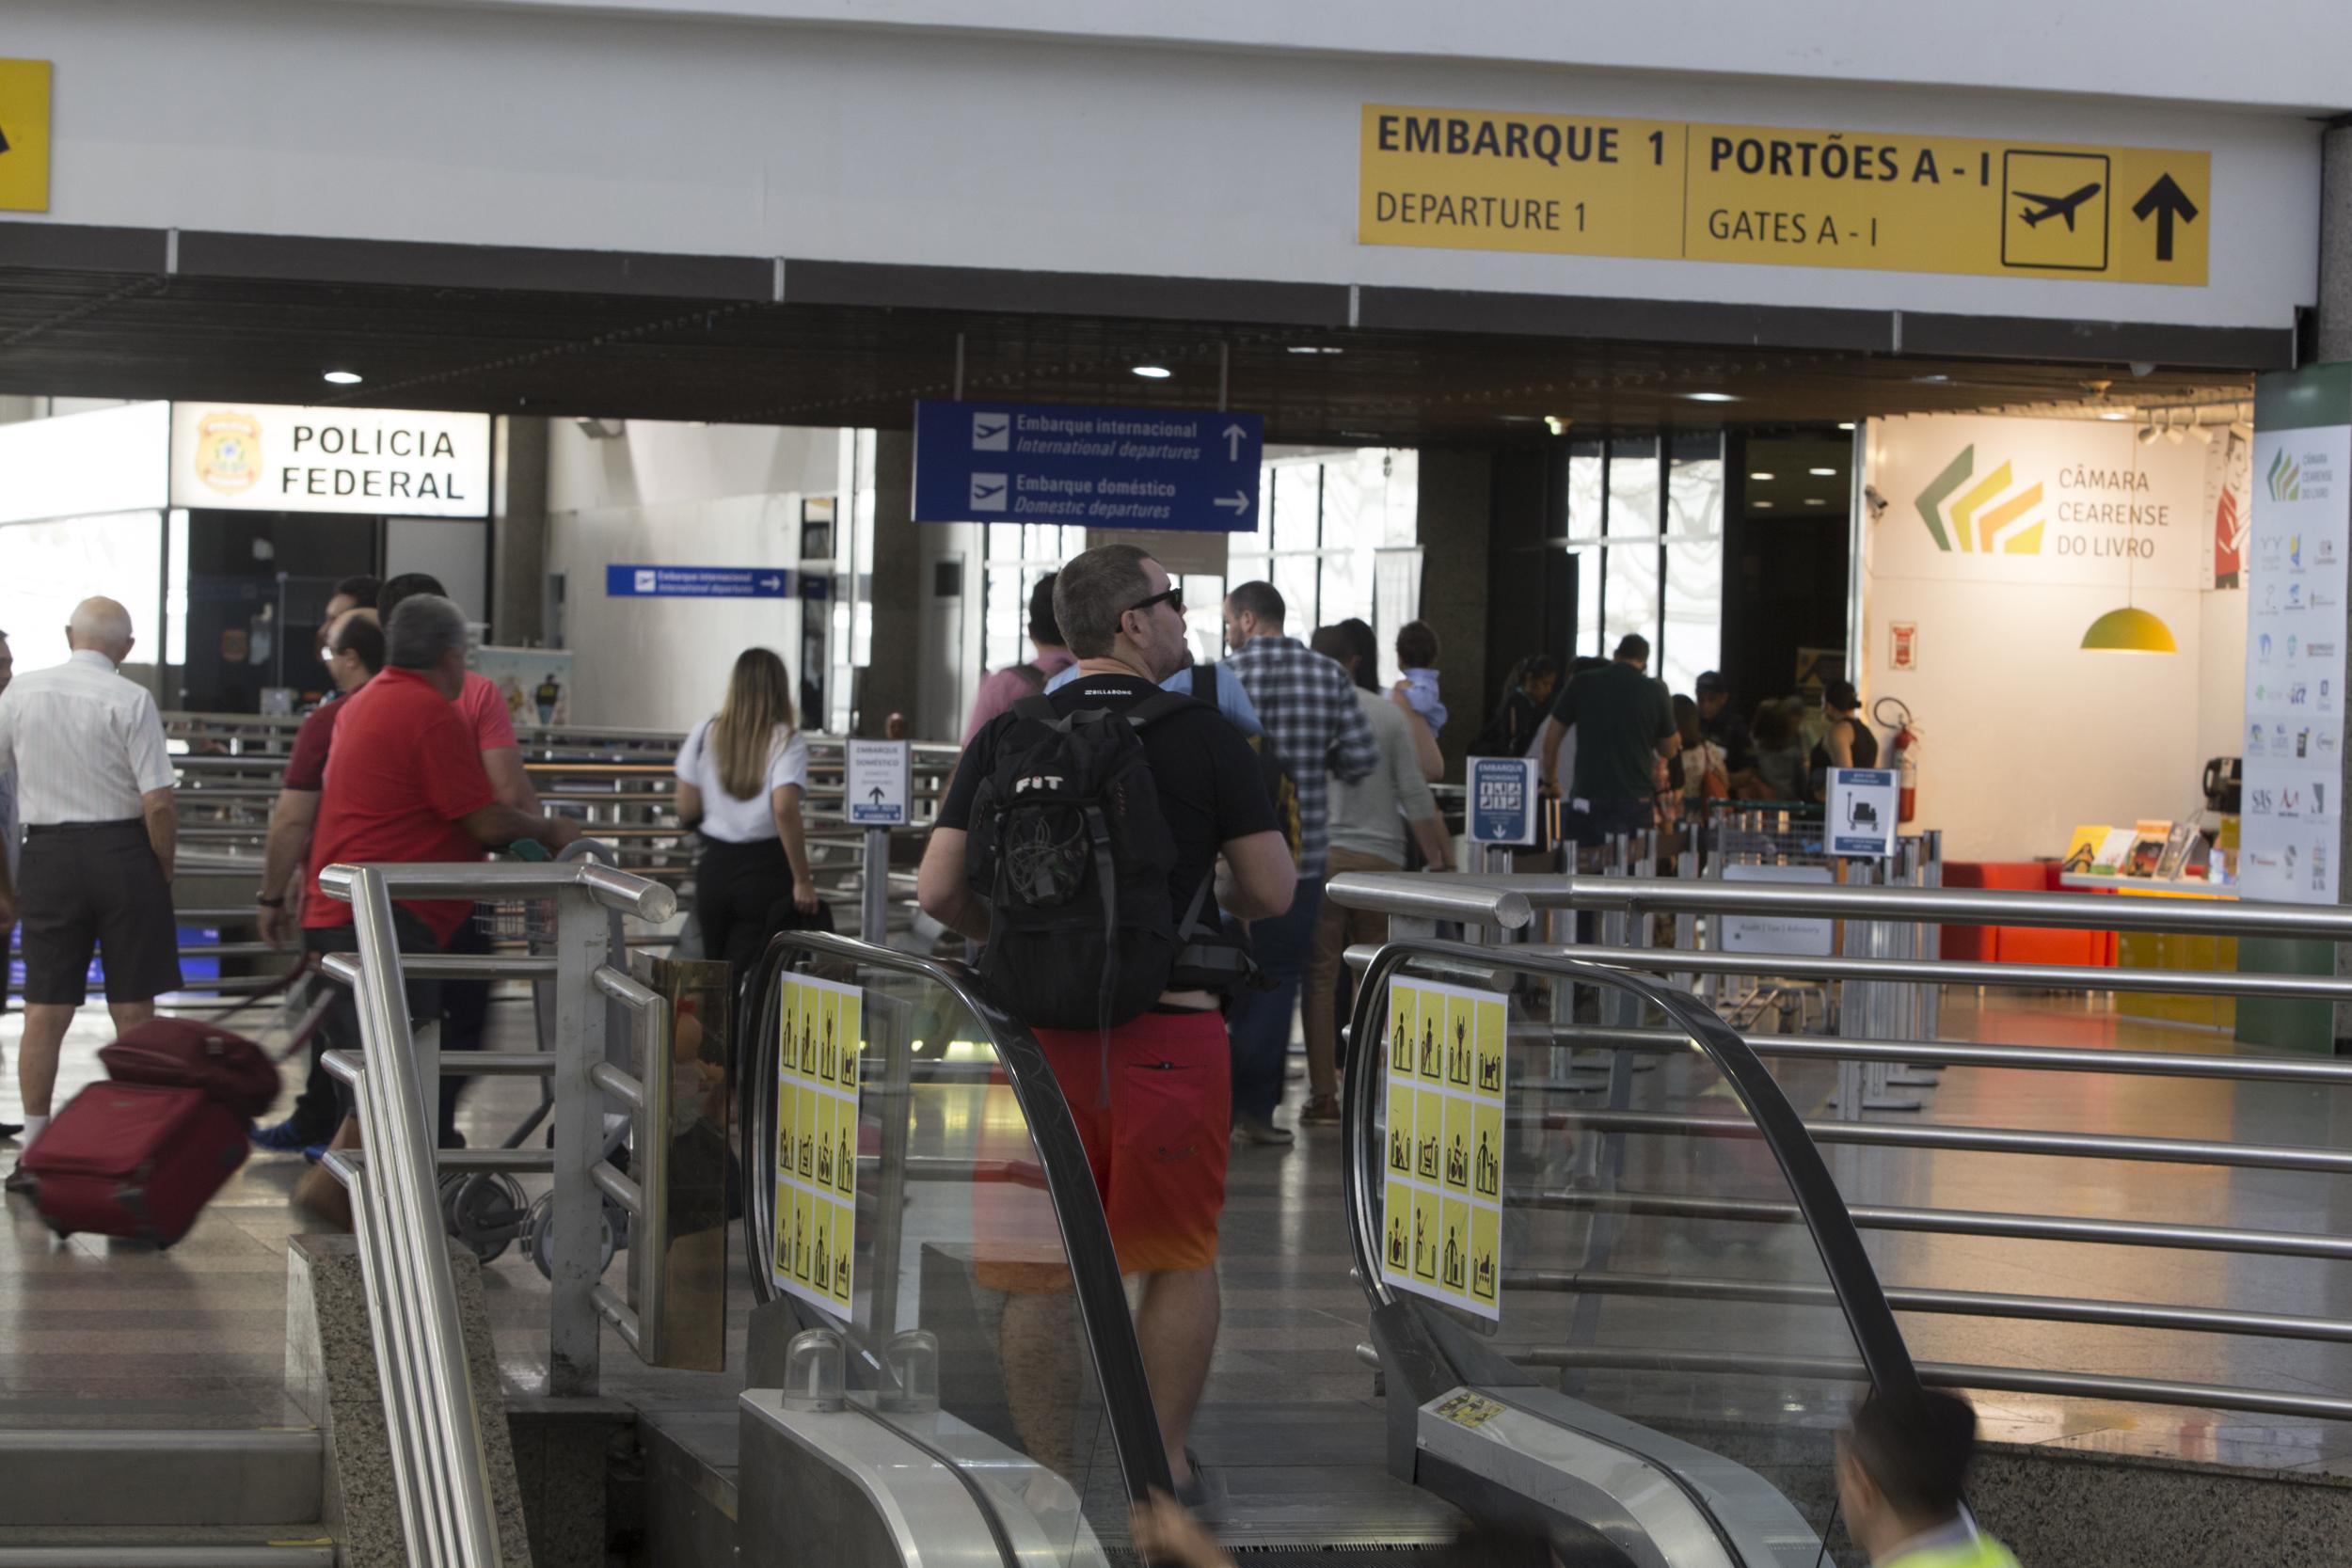 Ceará registra maior crescimento do País no número de passageiros internacionais até outubro